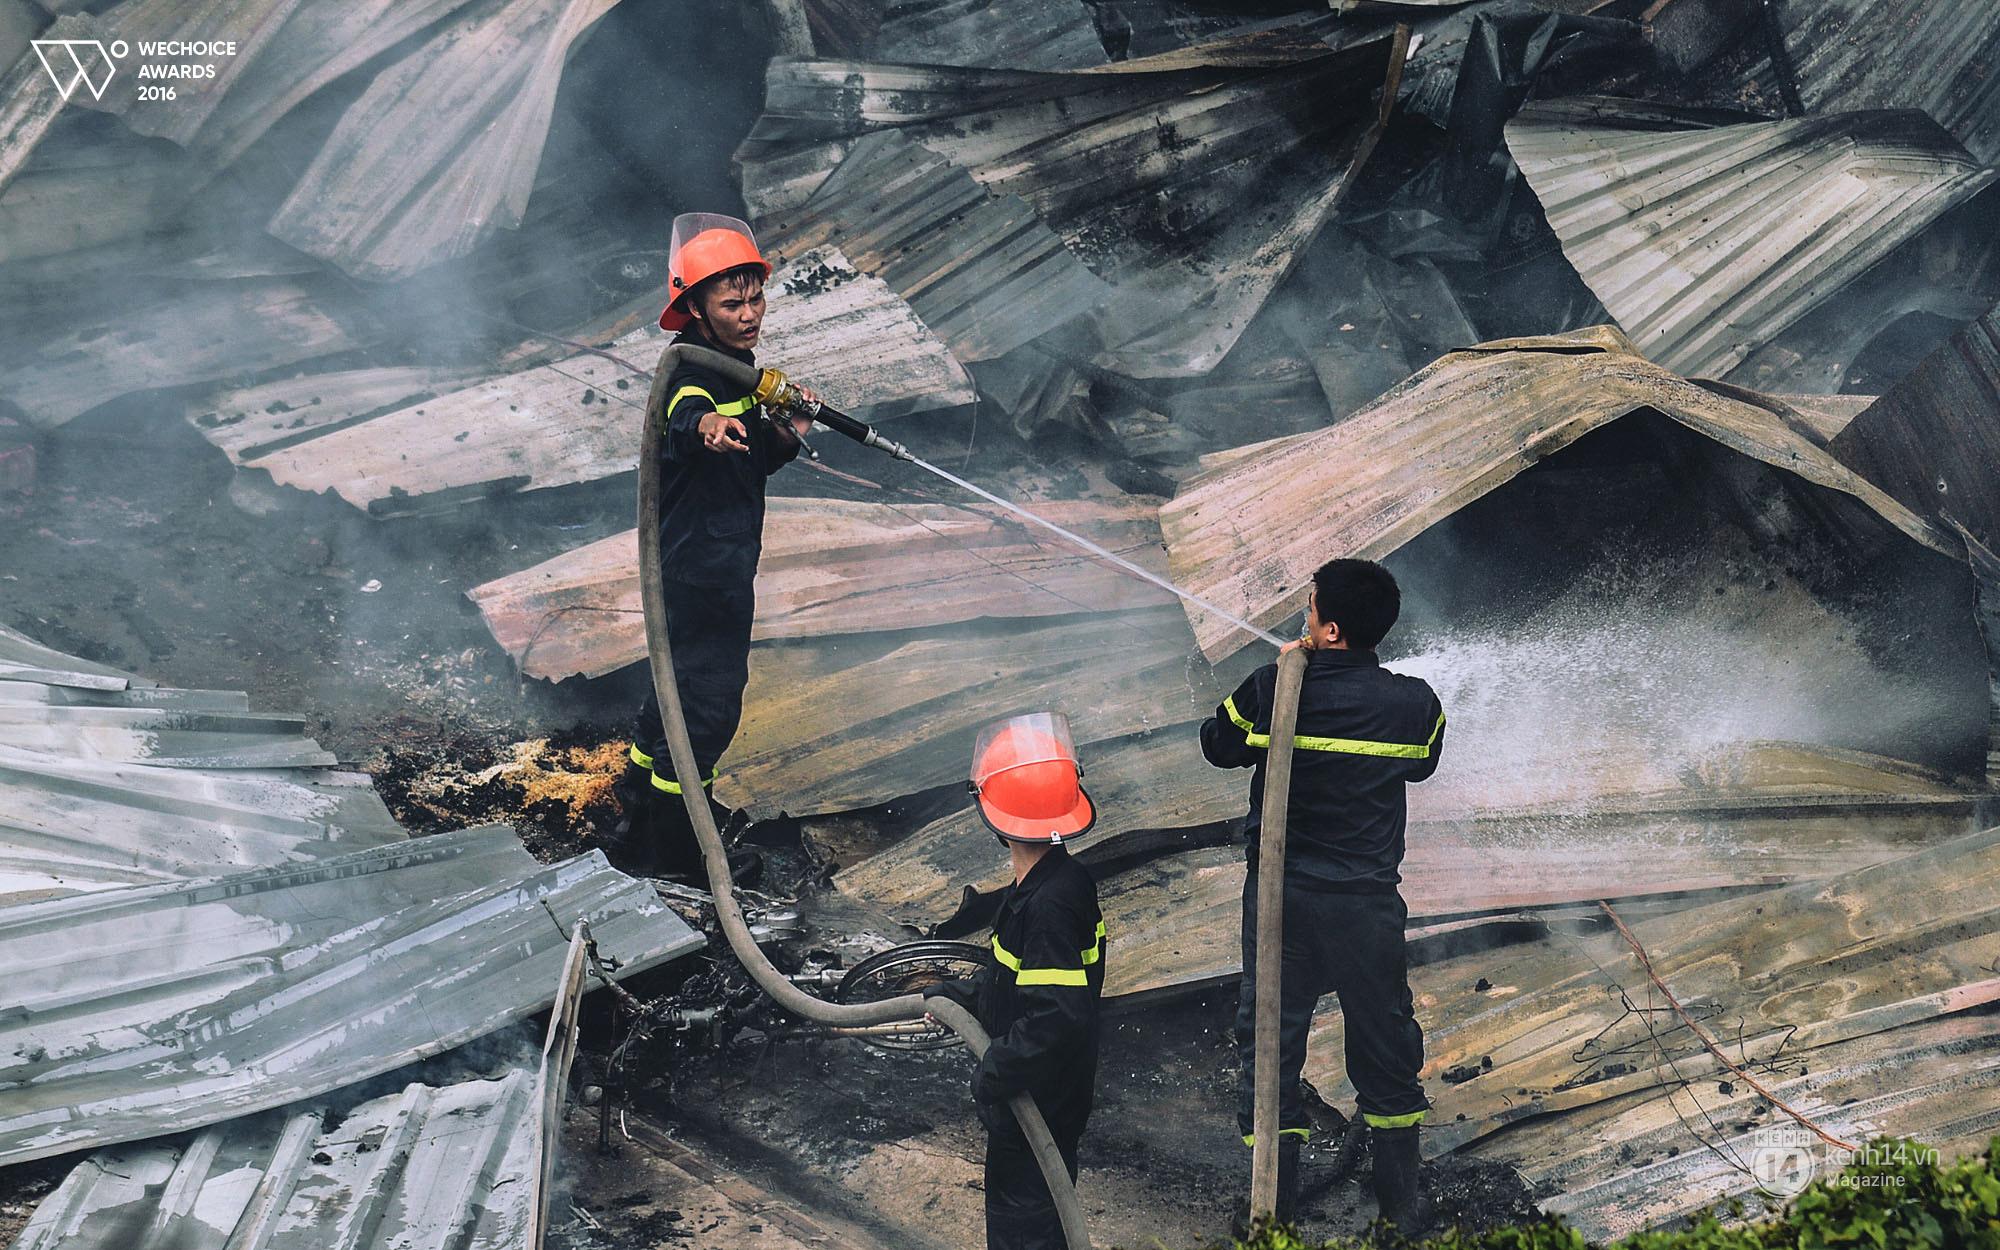 Năm 18 tuổi – Nếu được chọn, bạn có theo nghề lính cứu hỏa như những chàng trai dũng cảm này không? - Ảnh 7.